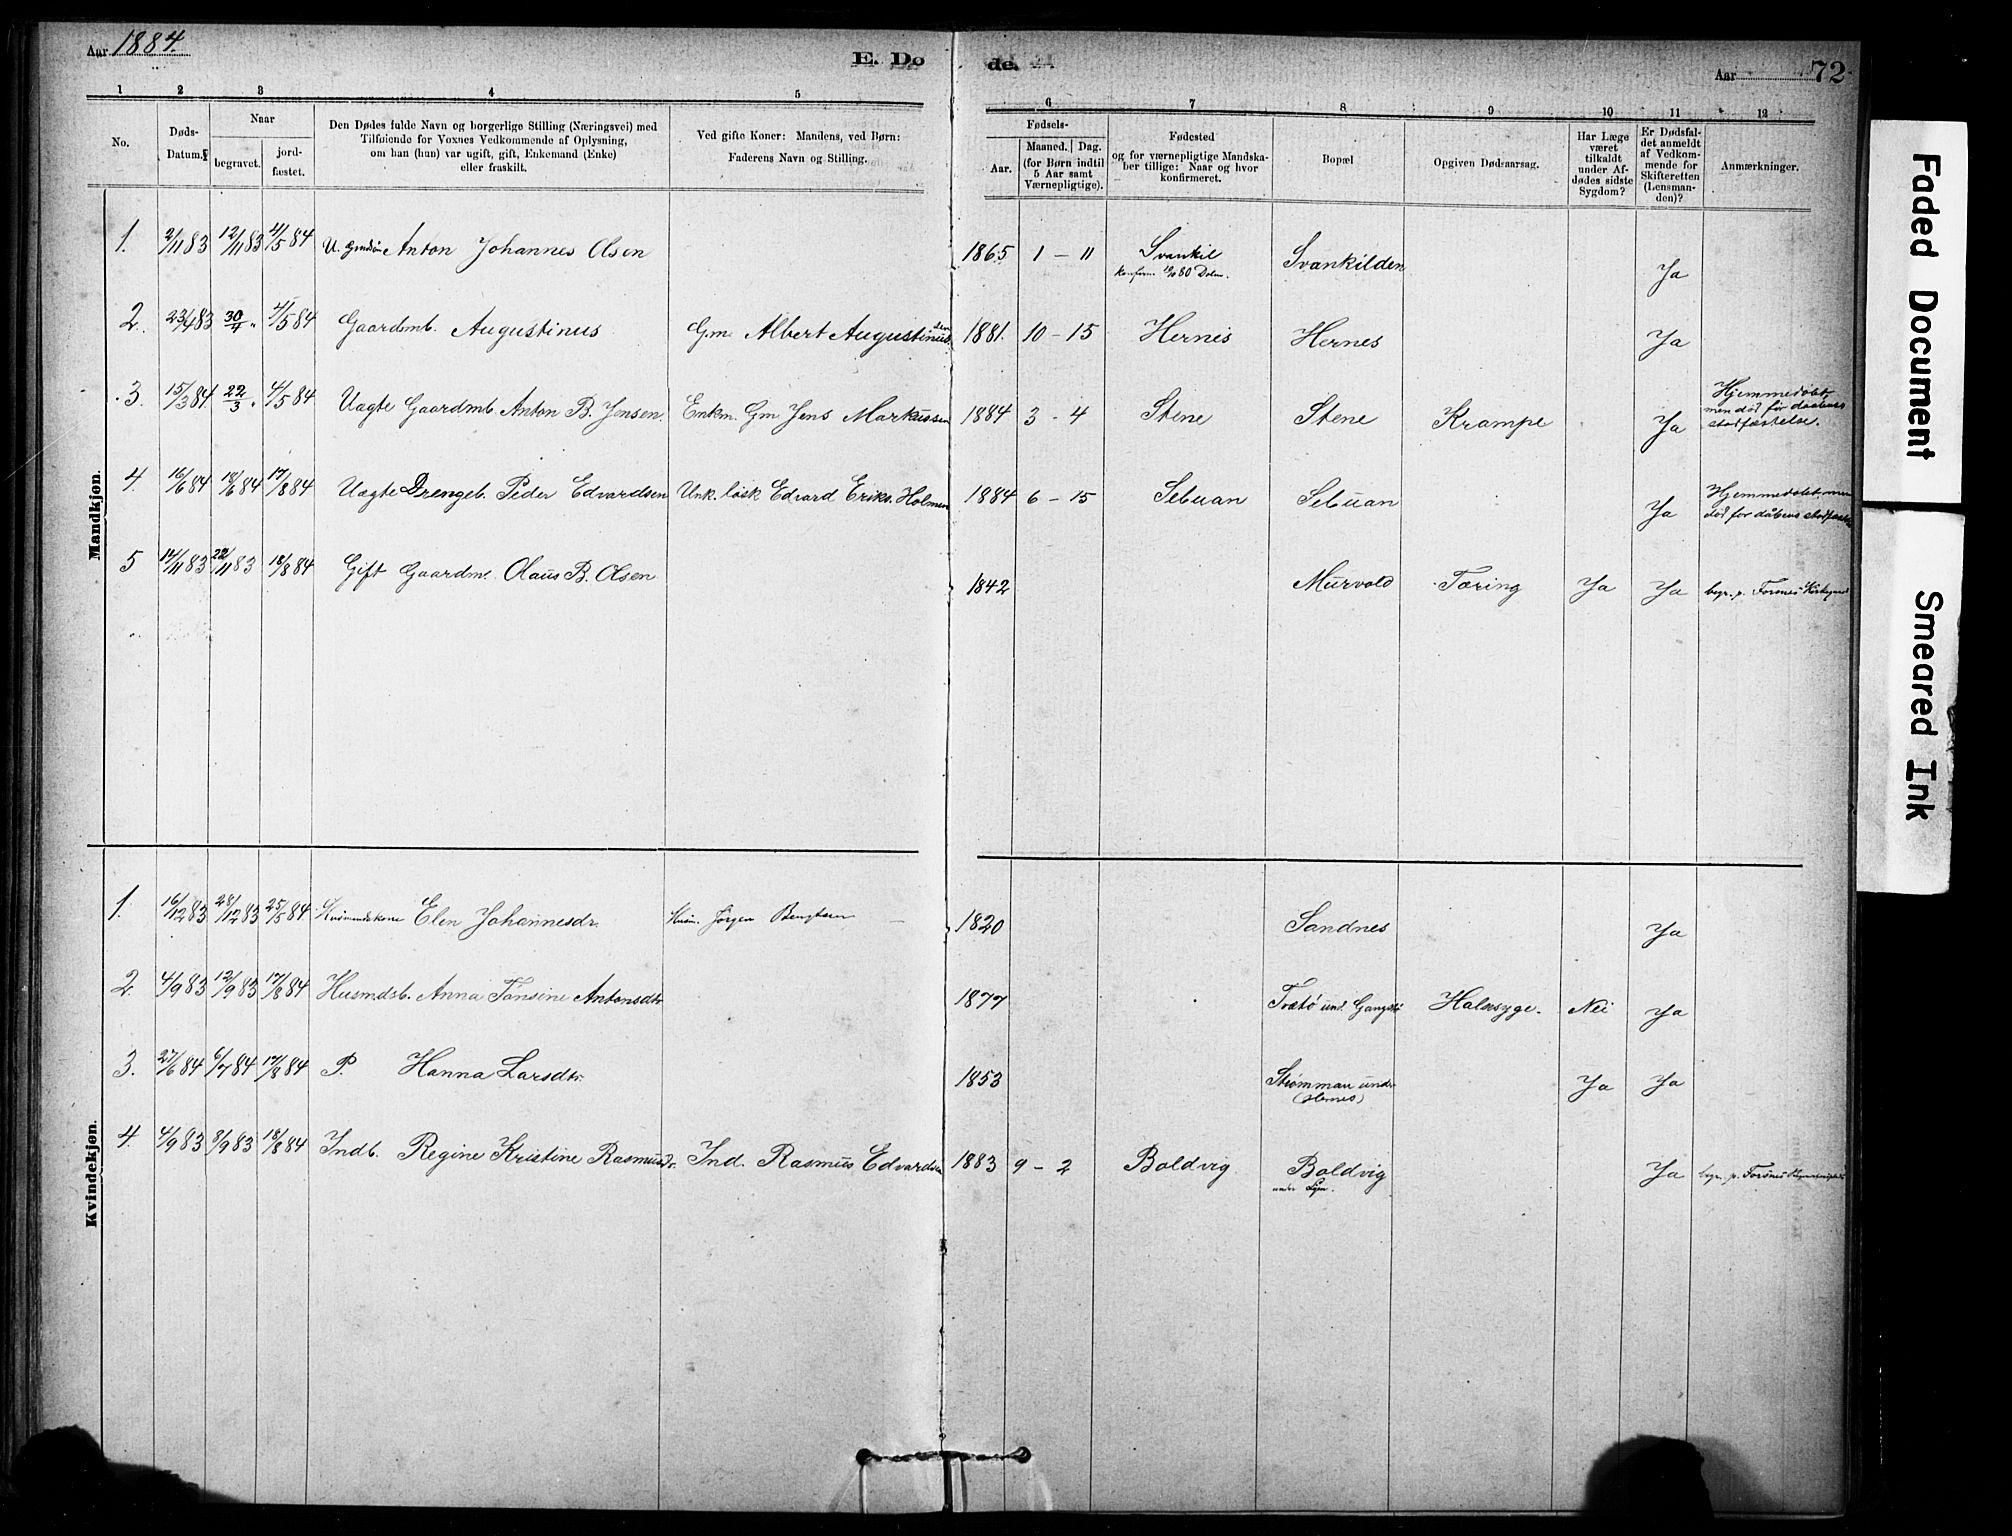 SAT, Ministerialprotokoller, klokkerbøker og fødselsregistre - Sør-Trøndelag, 635/L0551: Ministerialbok nr. 635A01, 1882-1899, s. 72